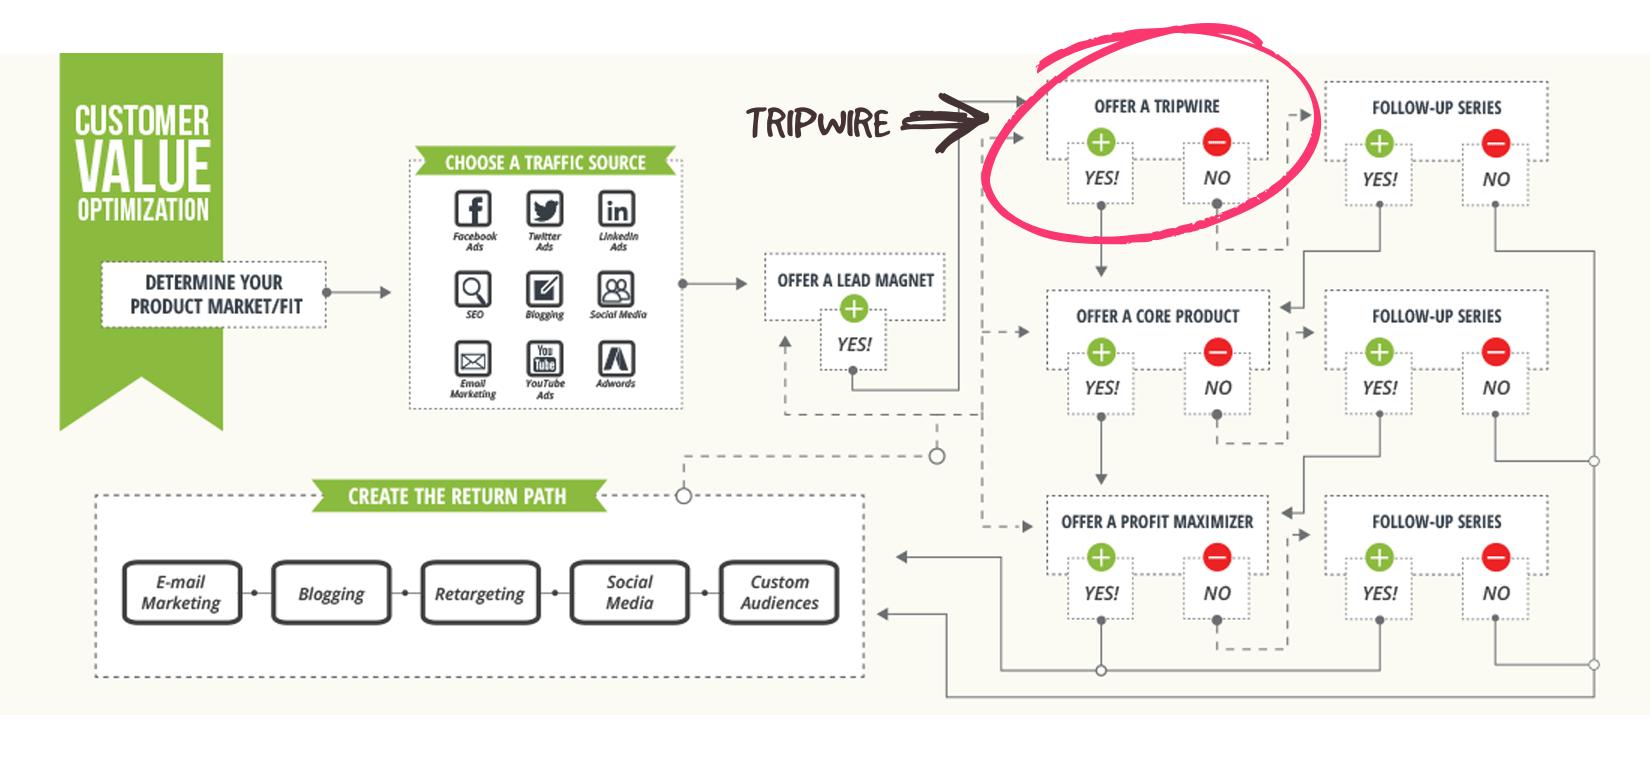 Tripwire from Digital Marketer